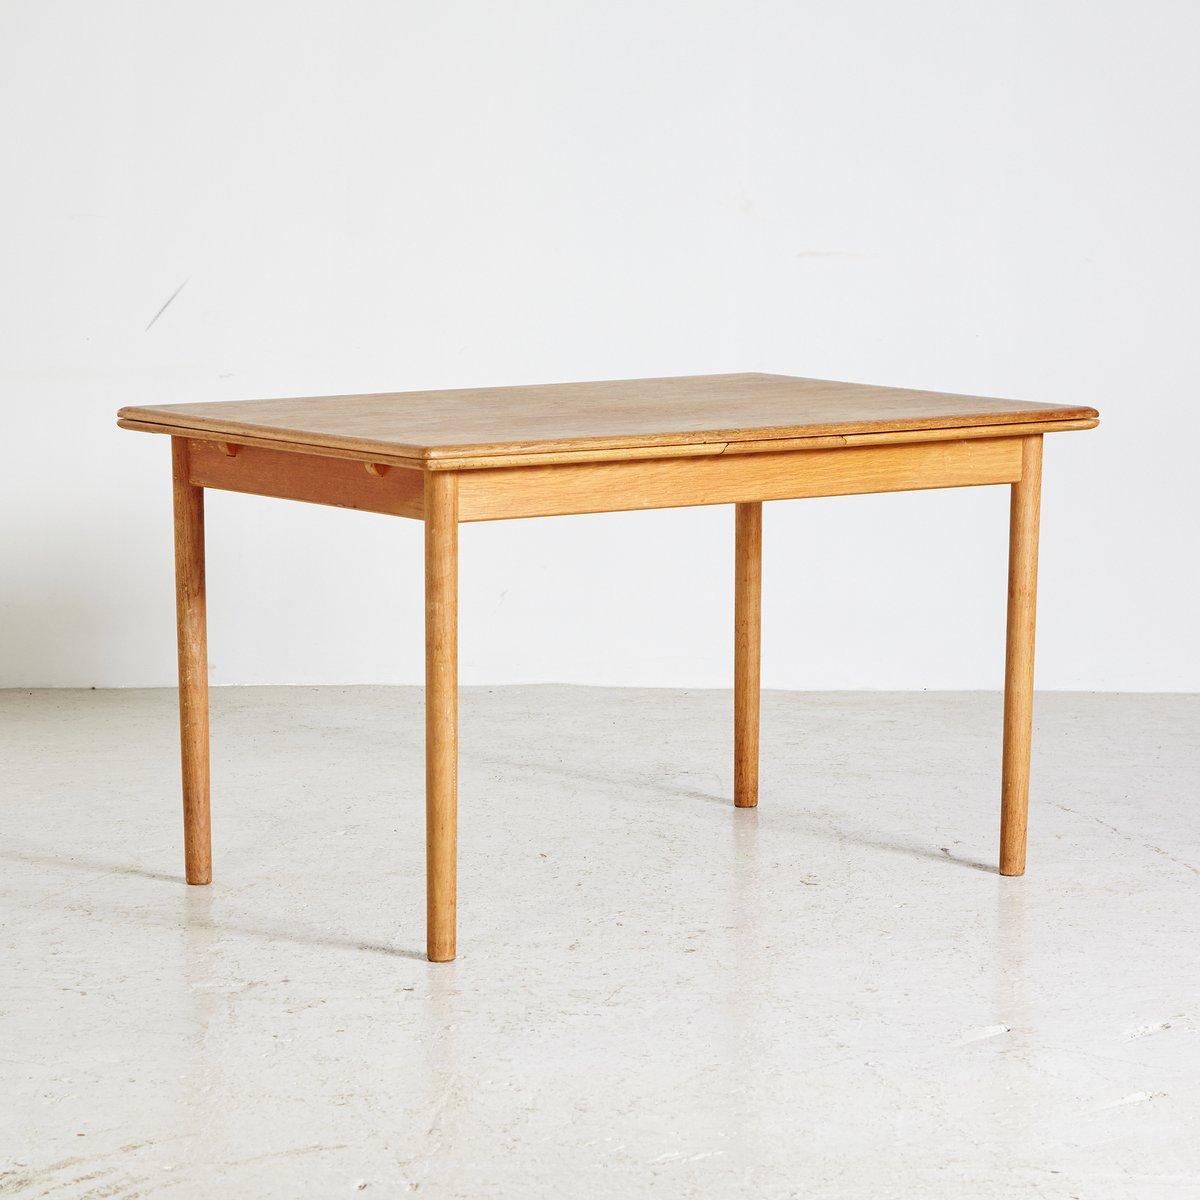 D nischer vintage eichenholz esstisch 1960er bei pamono for Eichenholz esstisch